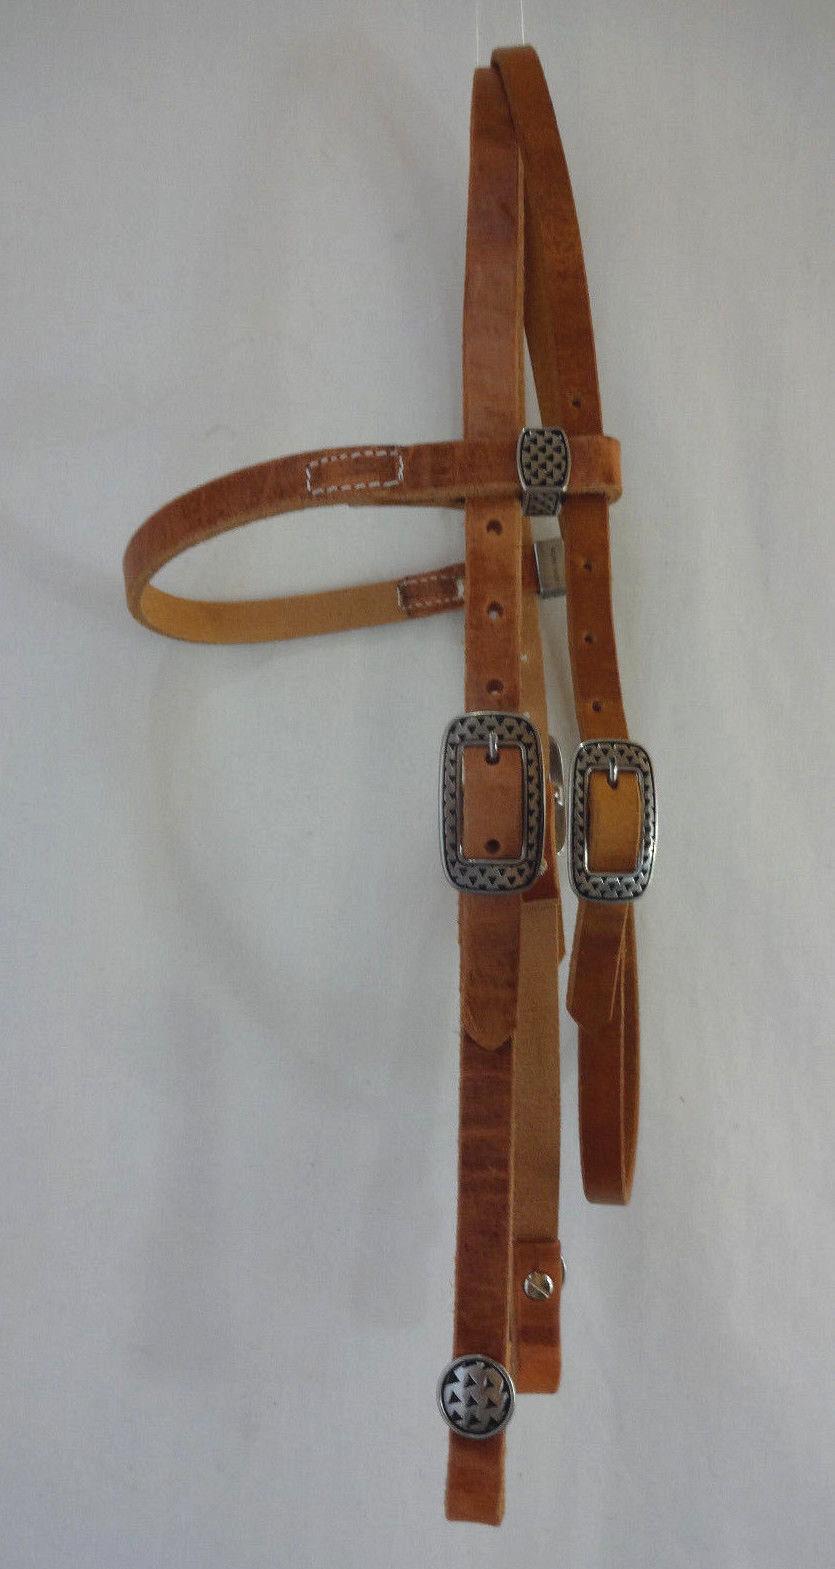 Heavy  Hermann Oak Harness Leather Horse Headstall 5 8  Jeremiah Watt Rasp Concho  gorgeous